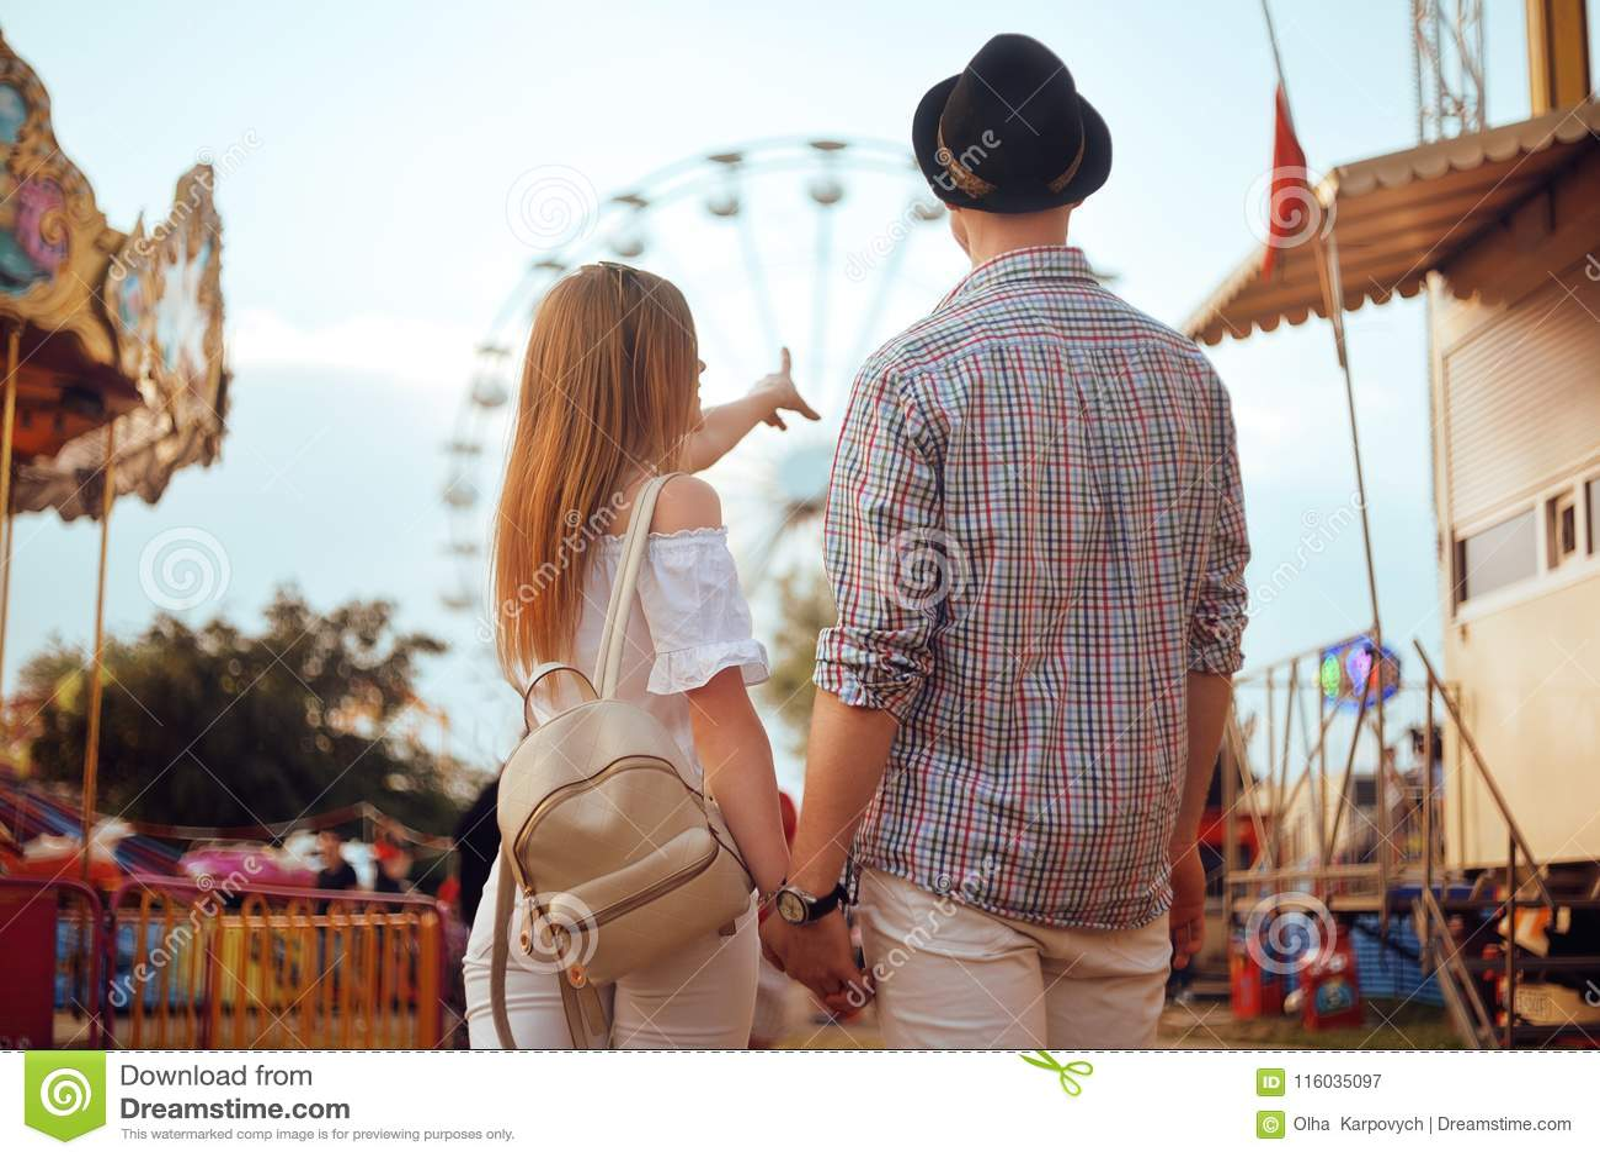 Schöne, junge Paare, die Spaß an einem Vergnügungspark haben Paar-Datierungs-Entspannungs-Liebes-Freizeitpark-Konzept Paare, die